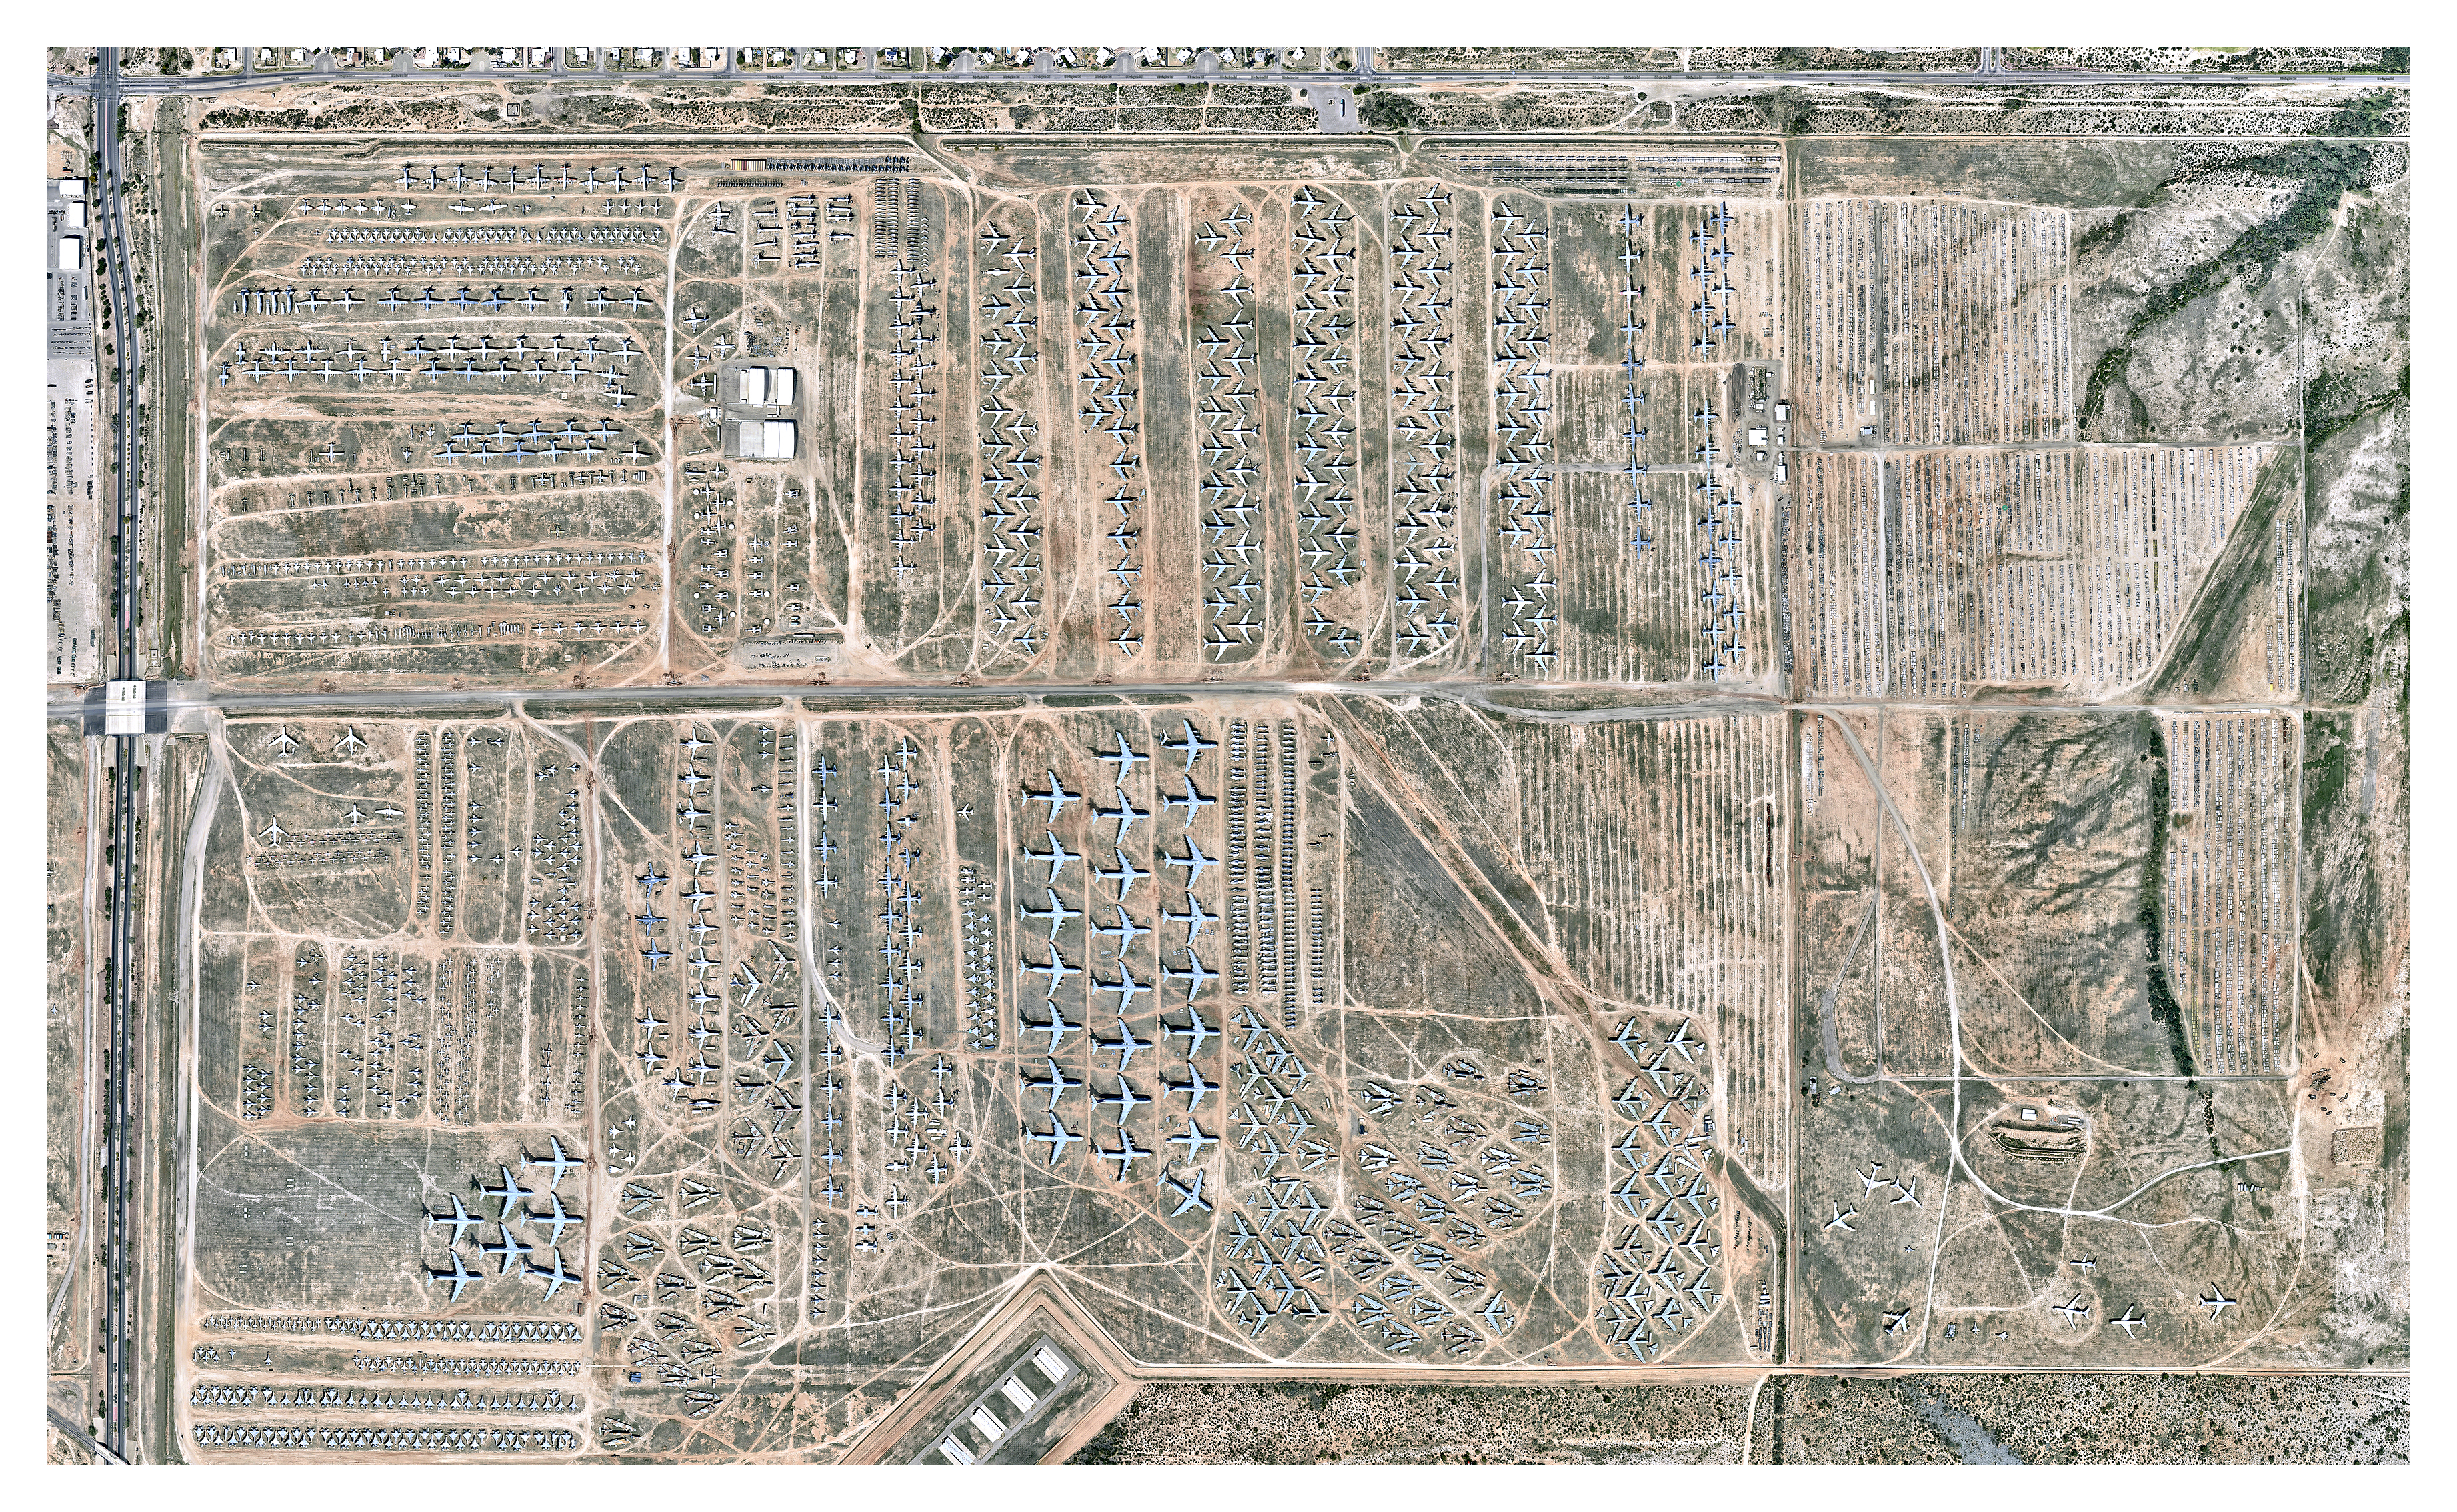 Aircraft boneyards